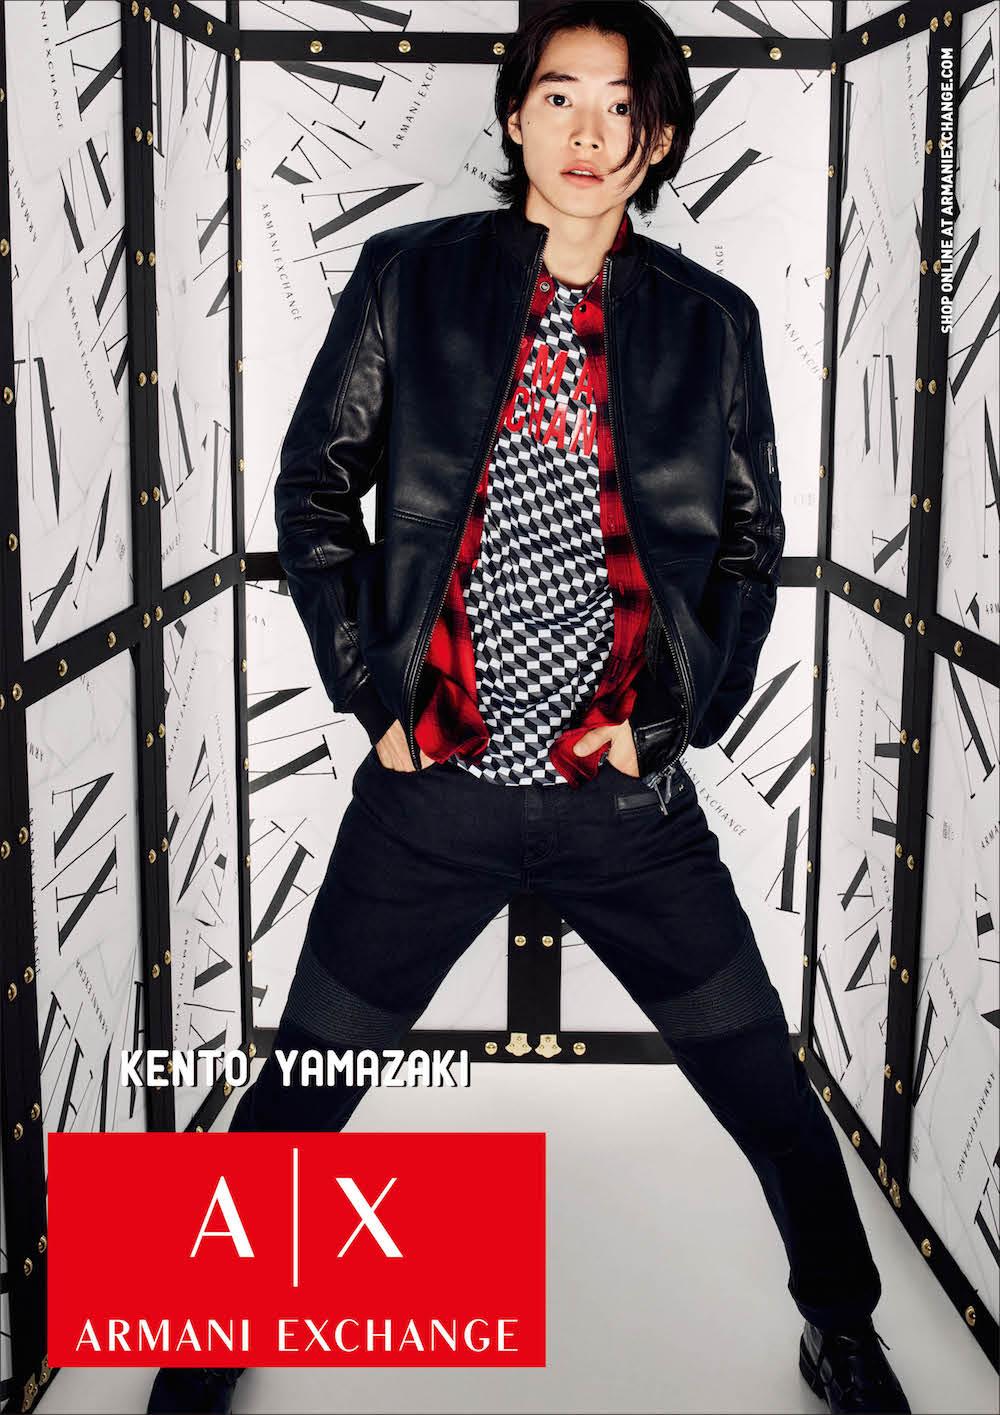 【速報】山﨑賢人さんが『アルマーニ エクスチェンジ』の広告モデルに!キャンペーンビジュアル全部見せます♡_1